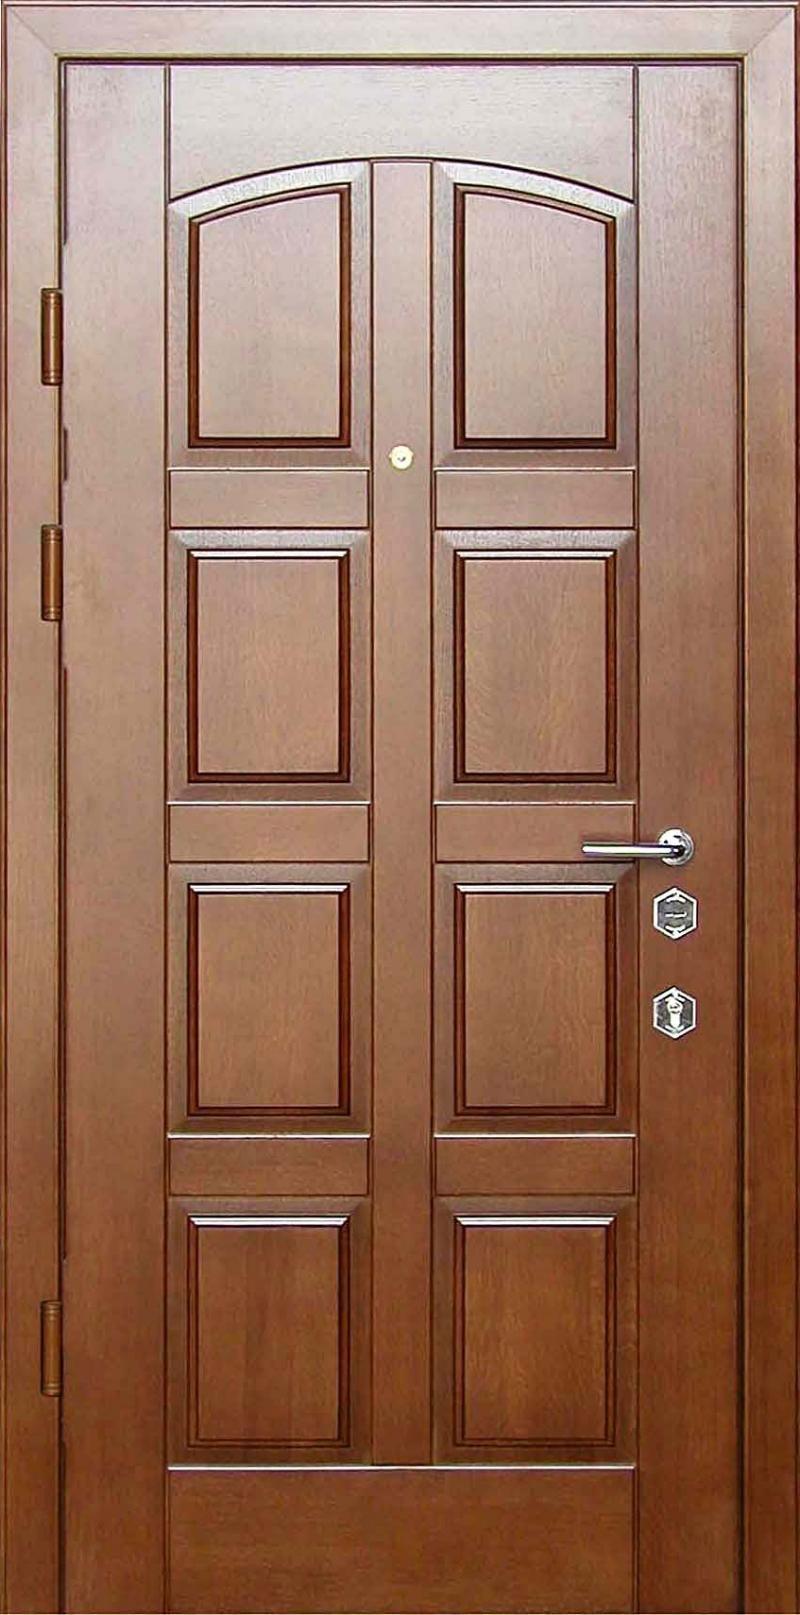 صورة صور ابواب خشب , انواع الابواب الخشبيه 6258 2